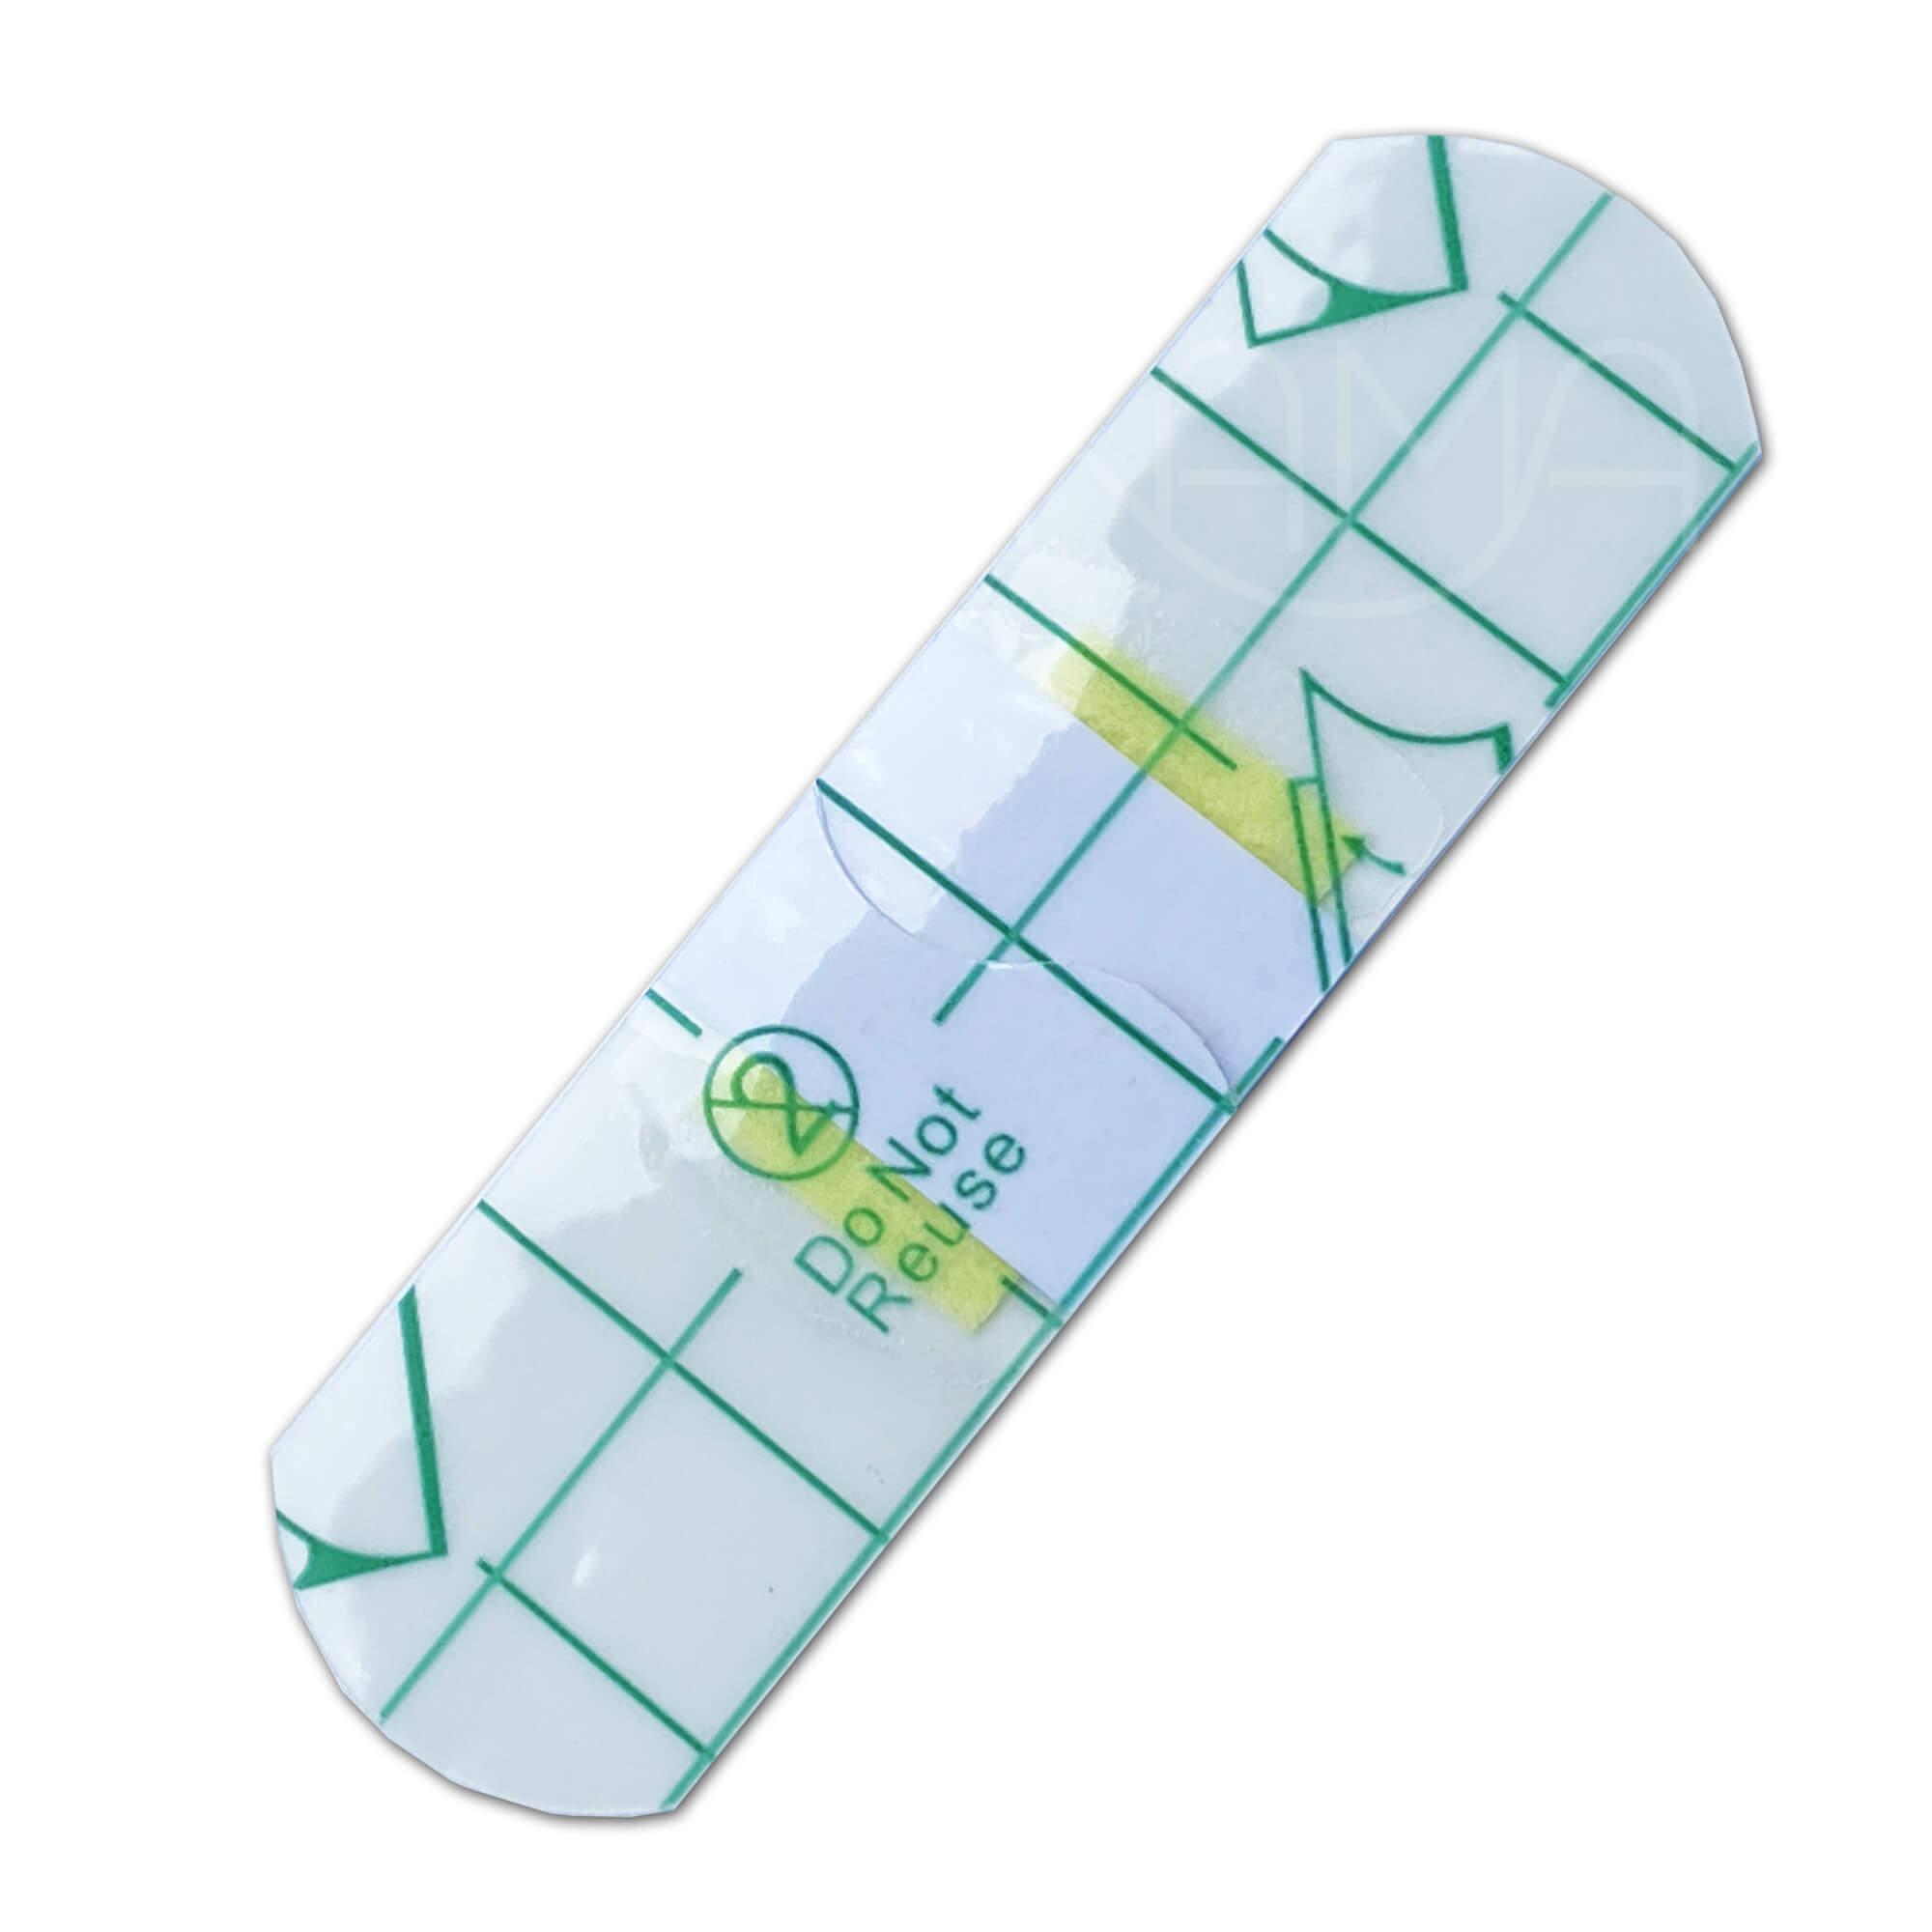 Пластырь водостойкий бактерицидный на полимерной основе Стандарт Ватерпруф прозрачный 19х72 мм, №10